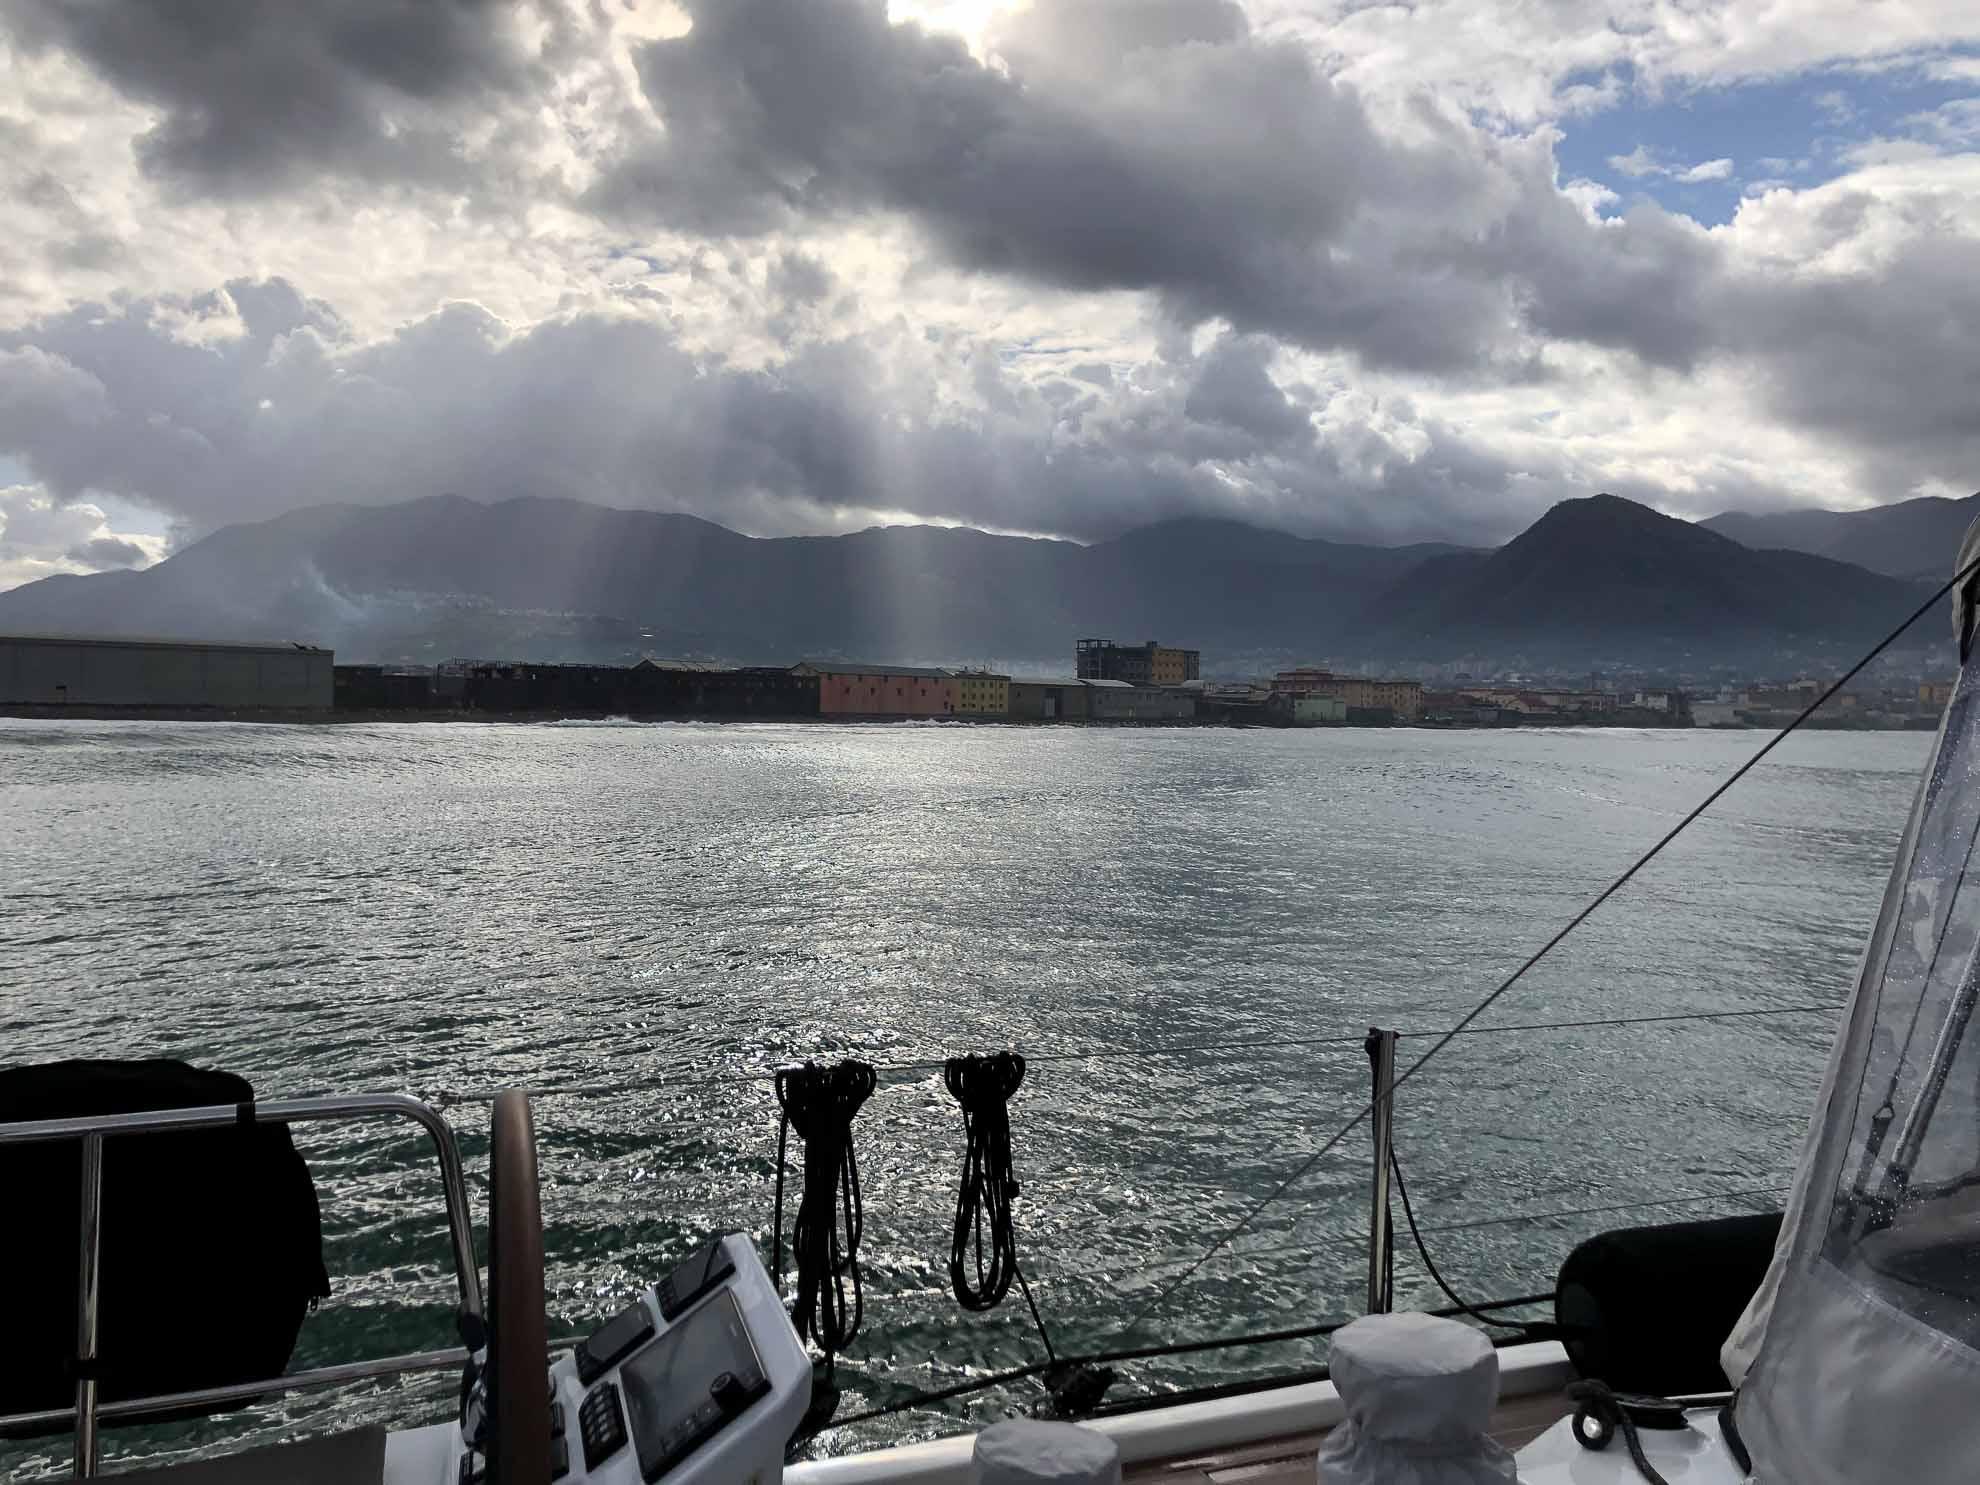 Auch wenn das Wetter immer noch nicht richtig schön ist, verholen wir Malaika nach Porto Mergellina bei Neapel, da die Abreise von Neapel nach Deutschland allmählich näher rückt.